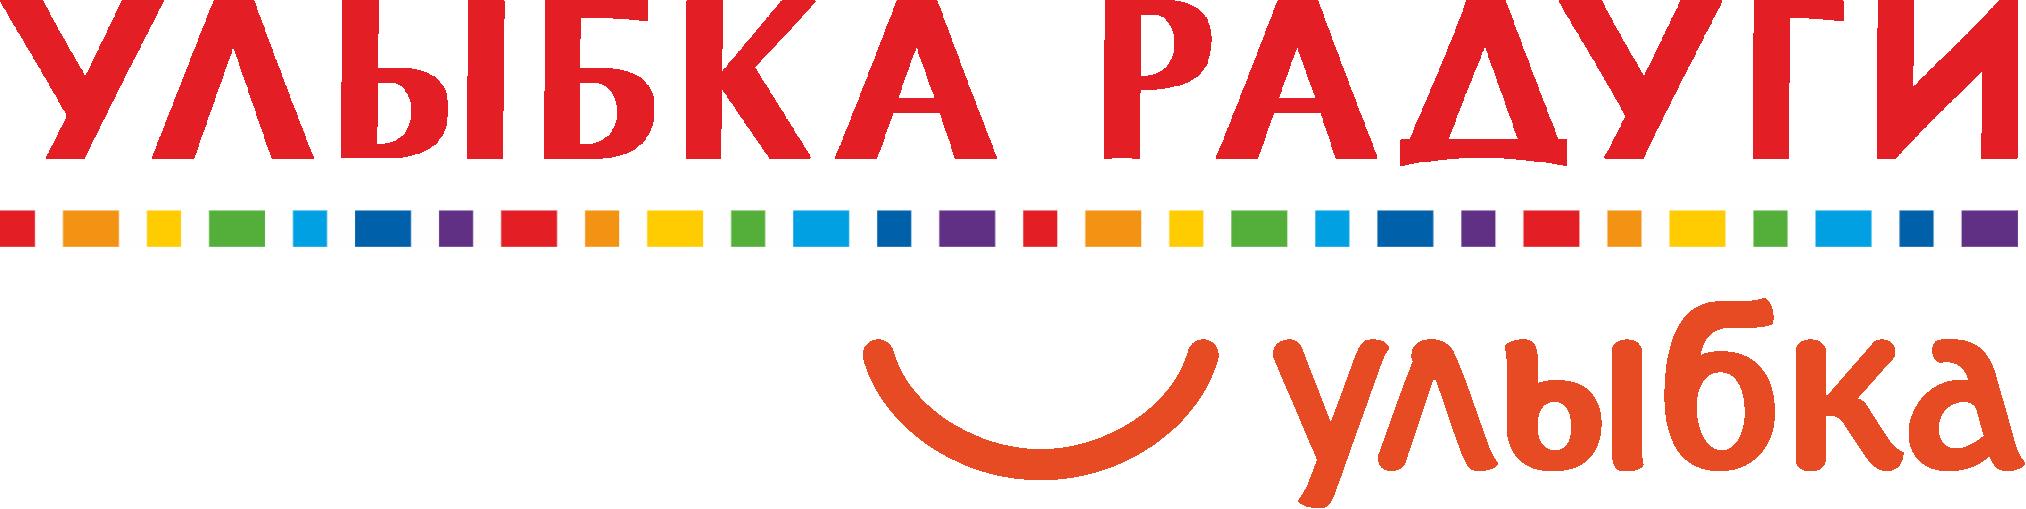 Улыбка радуги (сеть магазинов бытовой химии и косметики), санкт-петербург, котина, 2 фотоальбомы